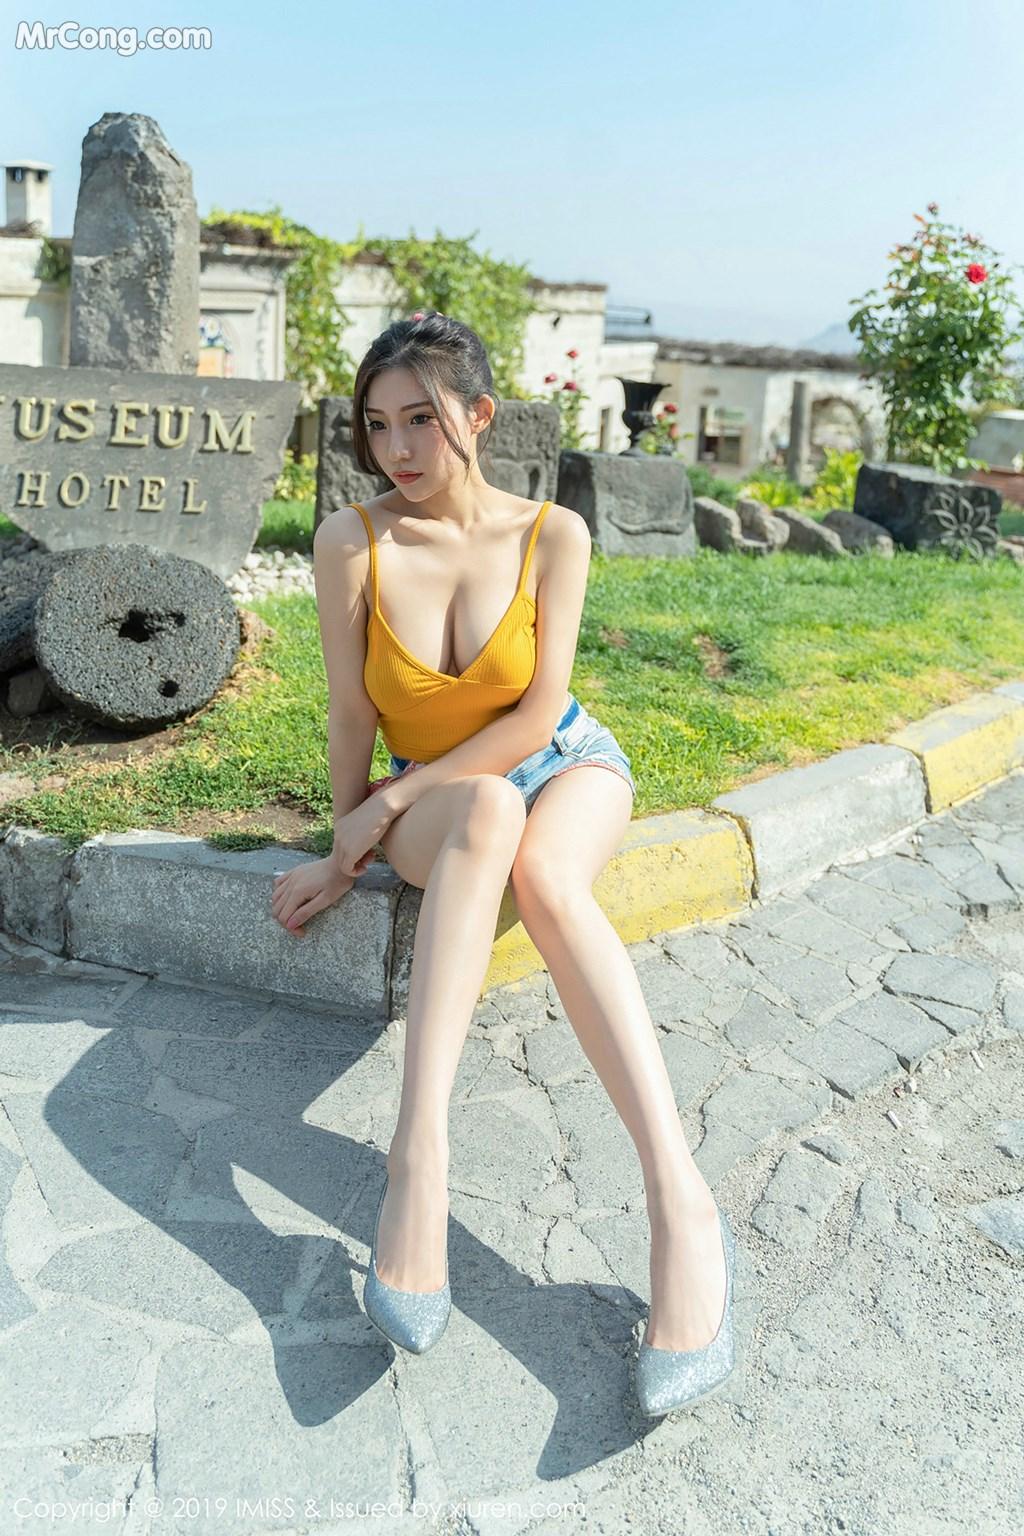 Image IMISS-Vol.319-Xiao-Hu-Li-Kathryn-MrCong.com-009 in post IMISS Vol.319: Người mẫu Xiao Hu Li (小狐狸Kathryn) (41 ảnh)